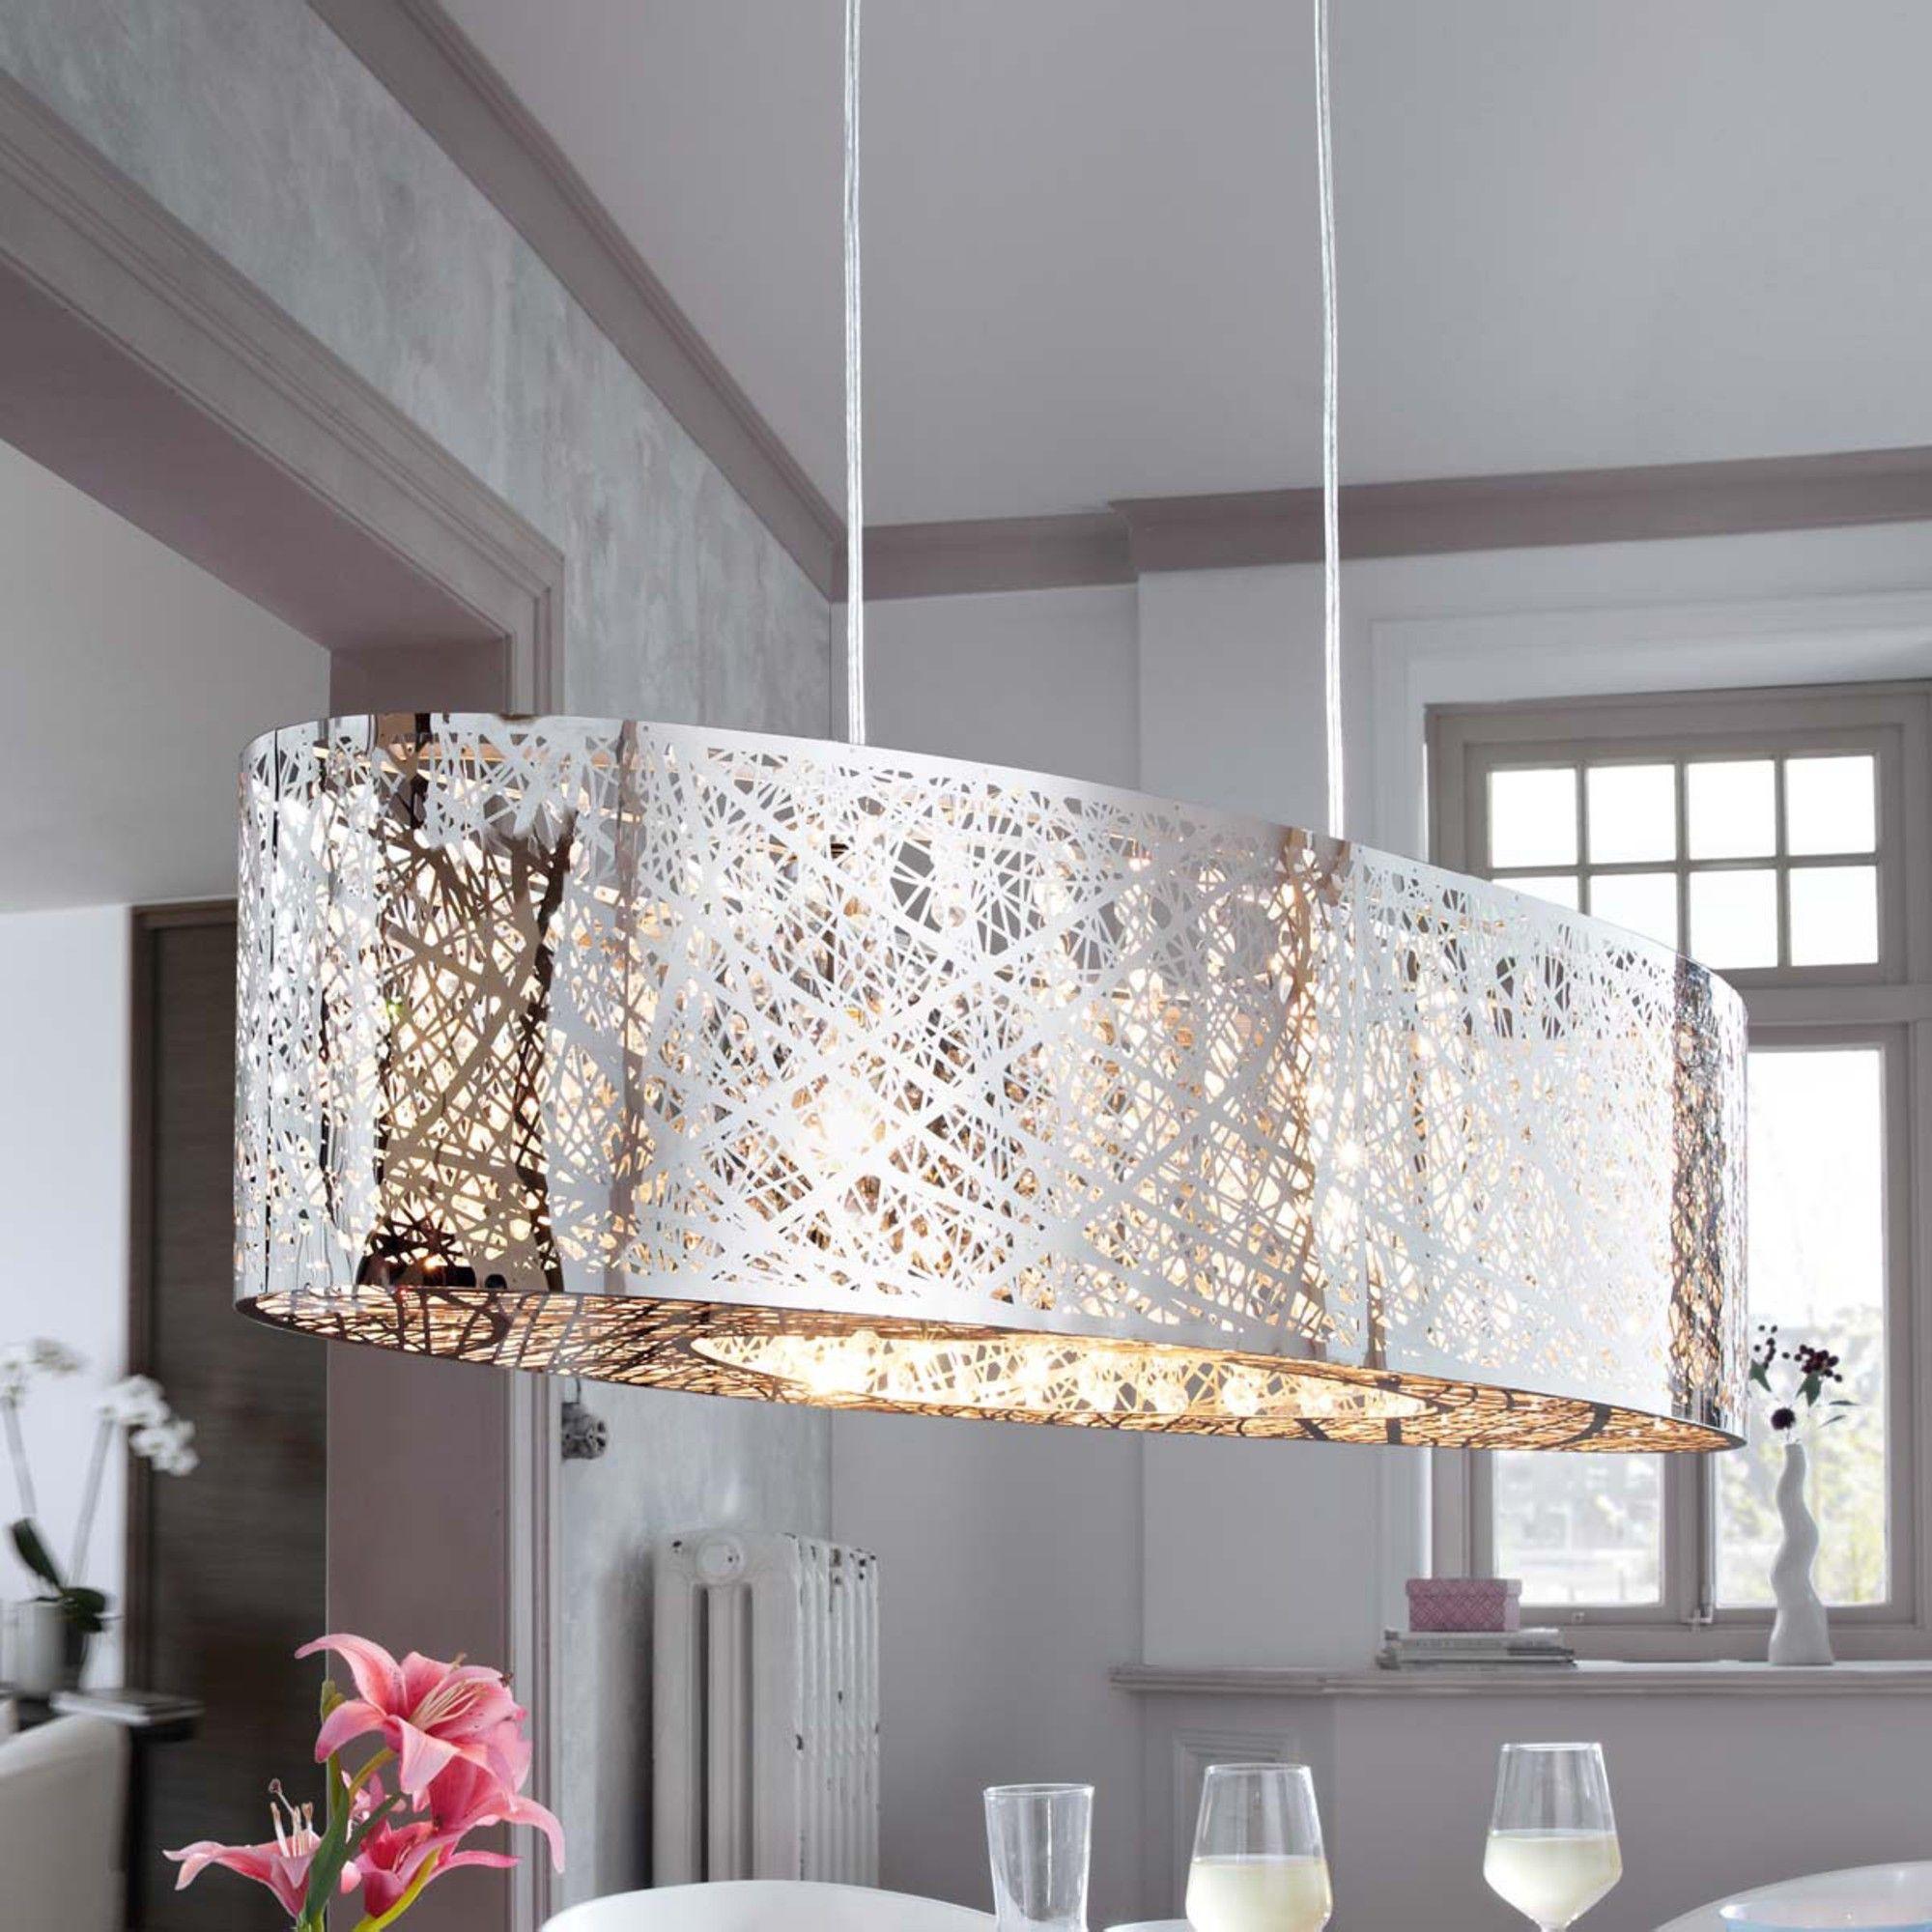 Design Pendelleuchte Hangeleuchte Esstisch Deckenleuchte Design Moderne Deckenleuchten Hangeleuchte Esstisch Hangeleuchte Hangelampe Esstisch